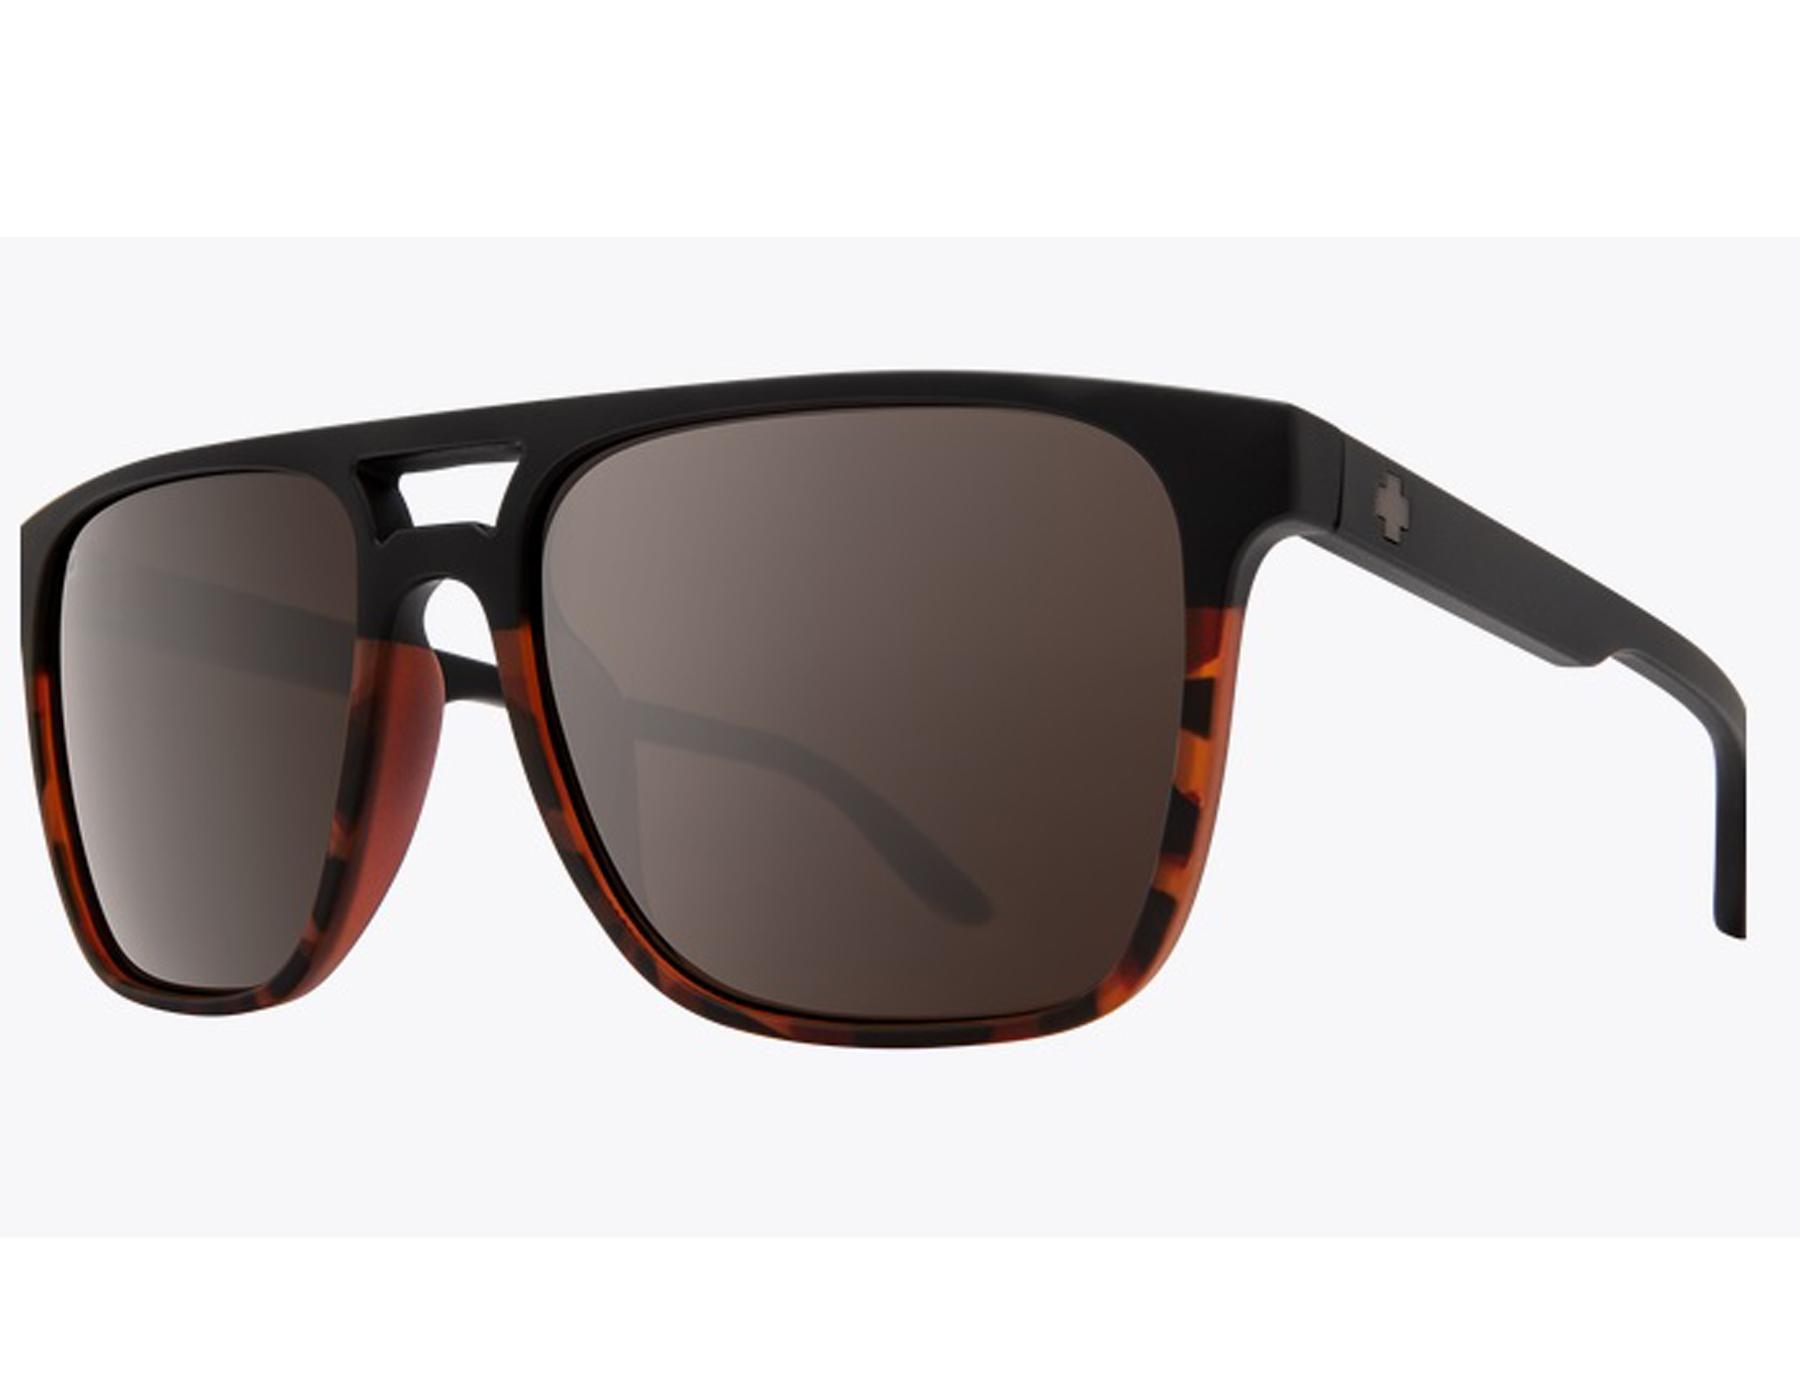 9c04a8be114 Details about New Spy CZAR-673526200789 Matte Black Tortoise Fade   Bronze  Sunglasses